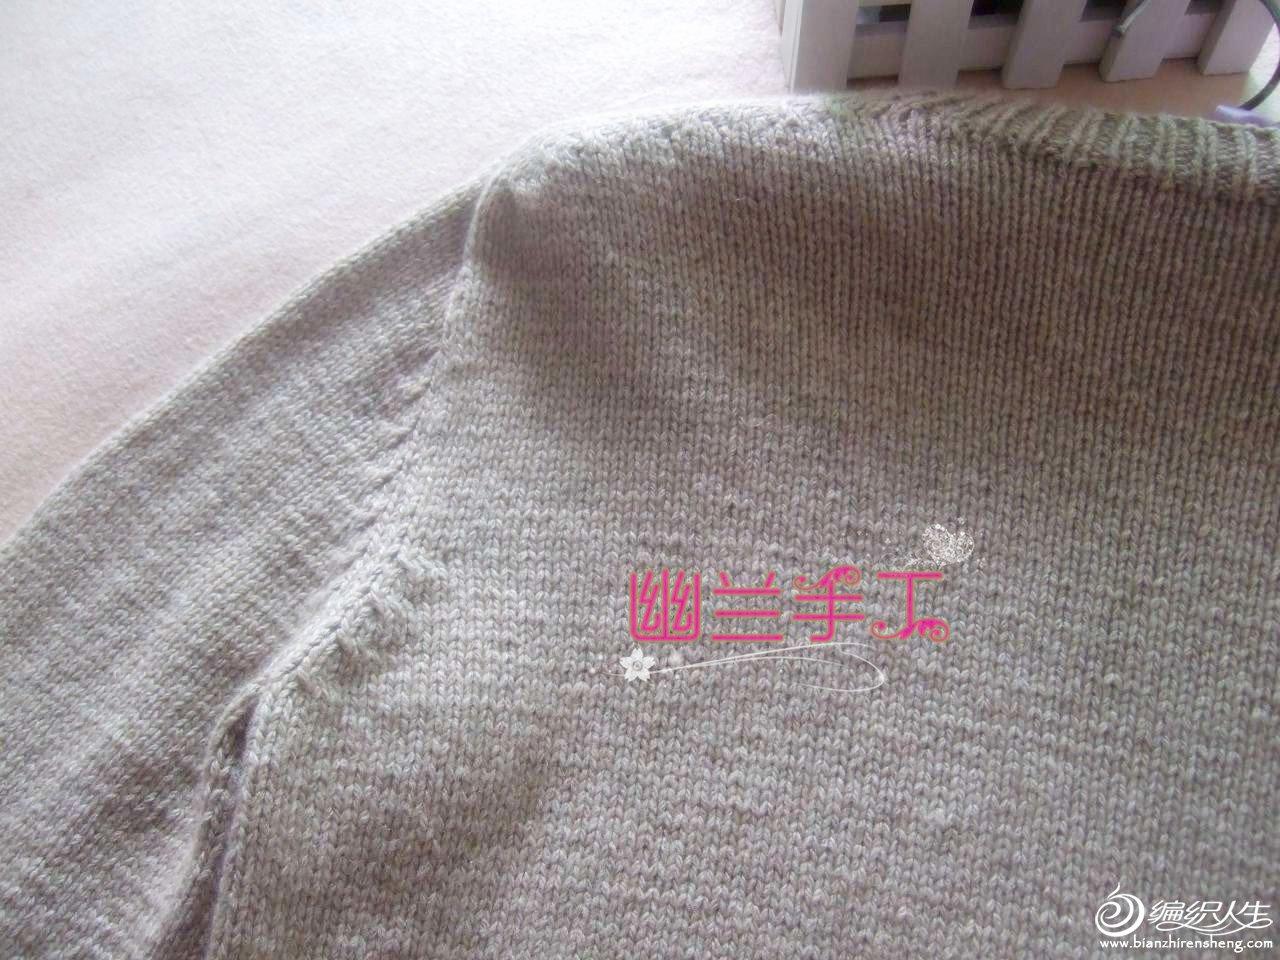 DSCF2484-1280_副本.jpg